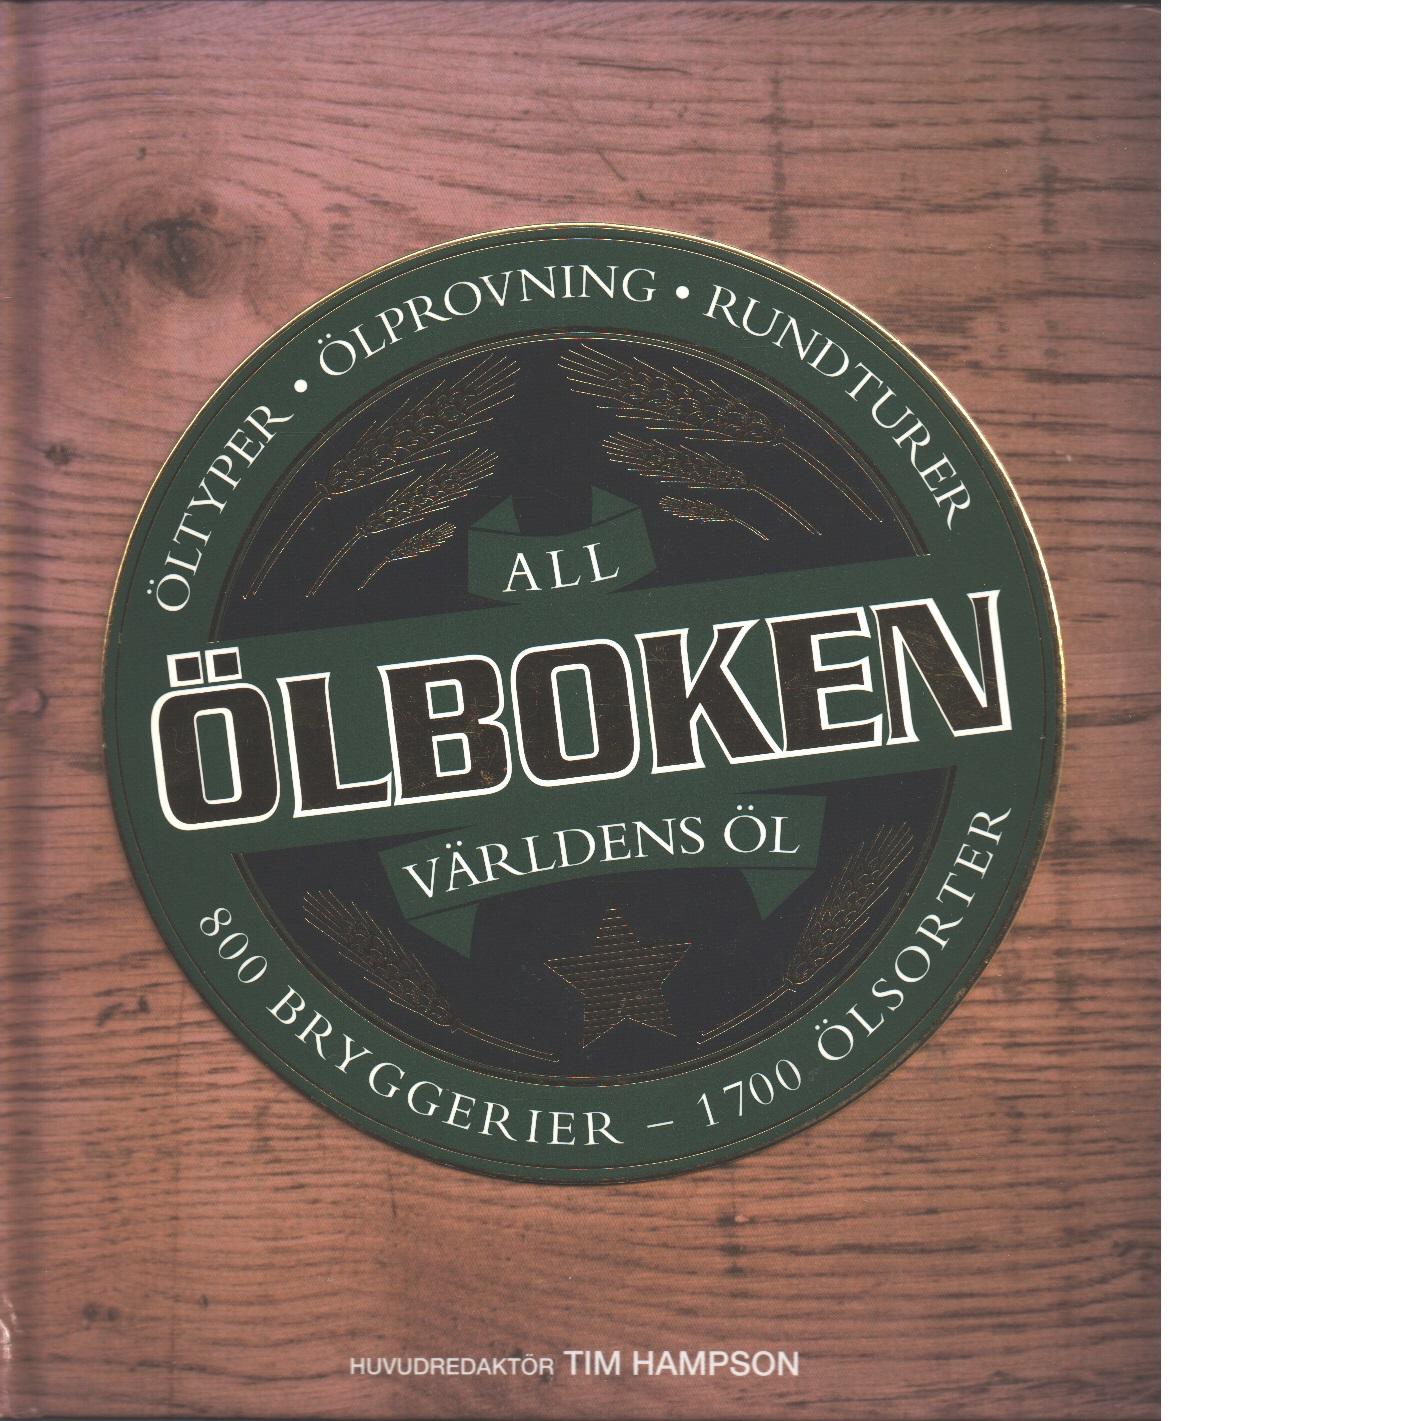 Ölboken : [all världens öl : öltyper, ölprovning, rundturer, 800 bryggerier, 1700 ölsorter] - Hampson, Tim